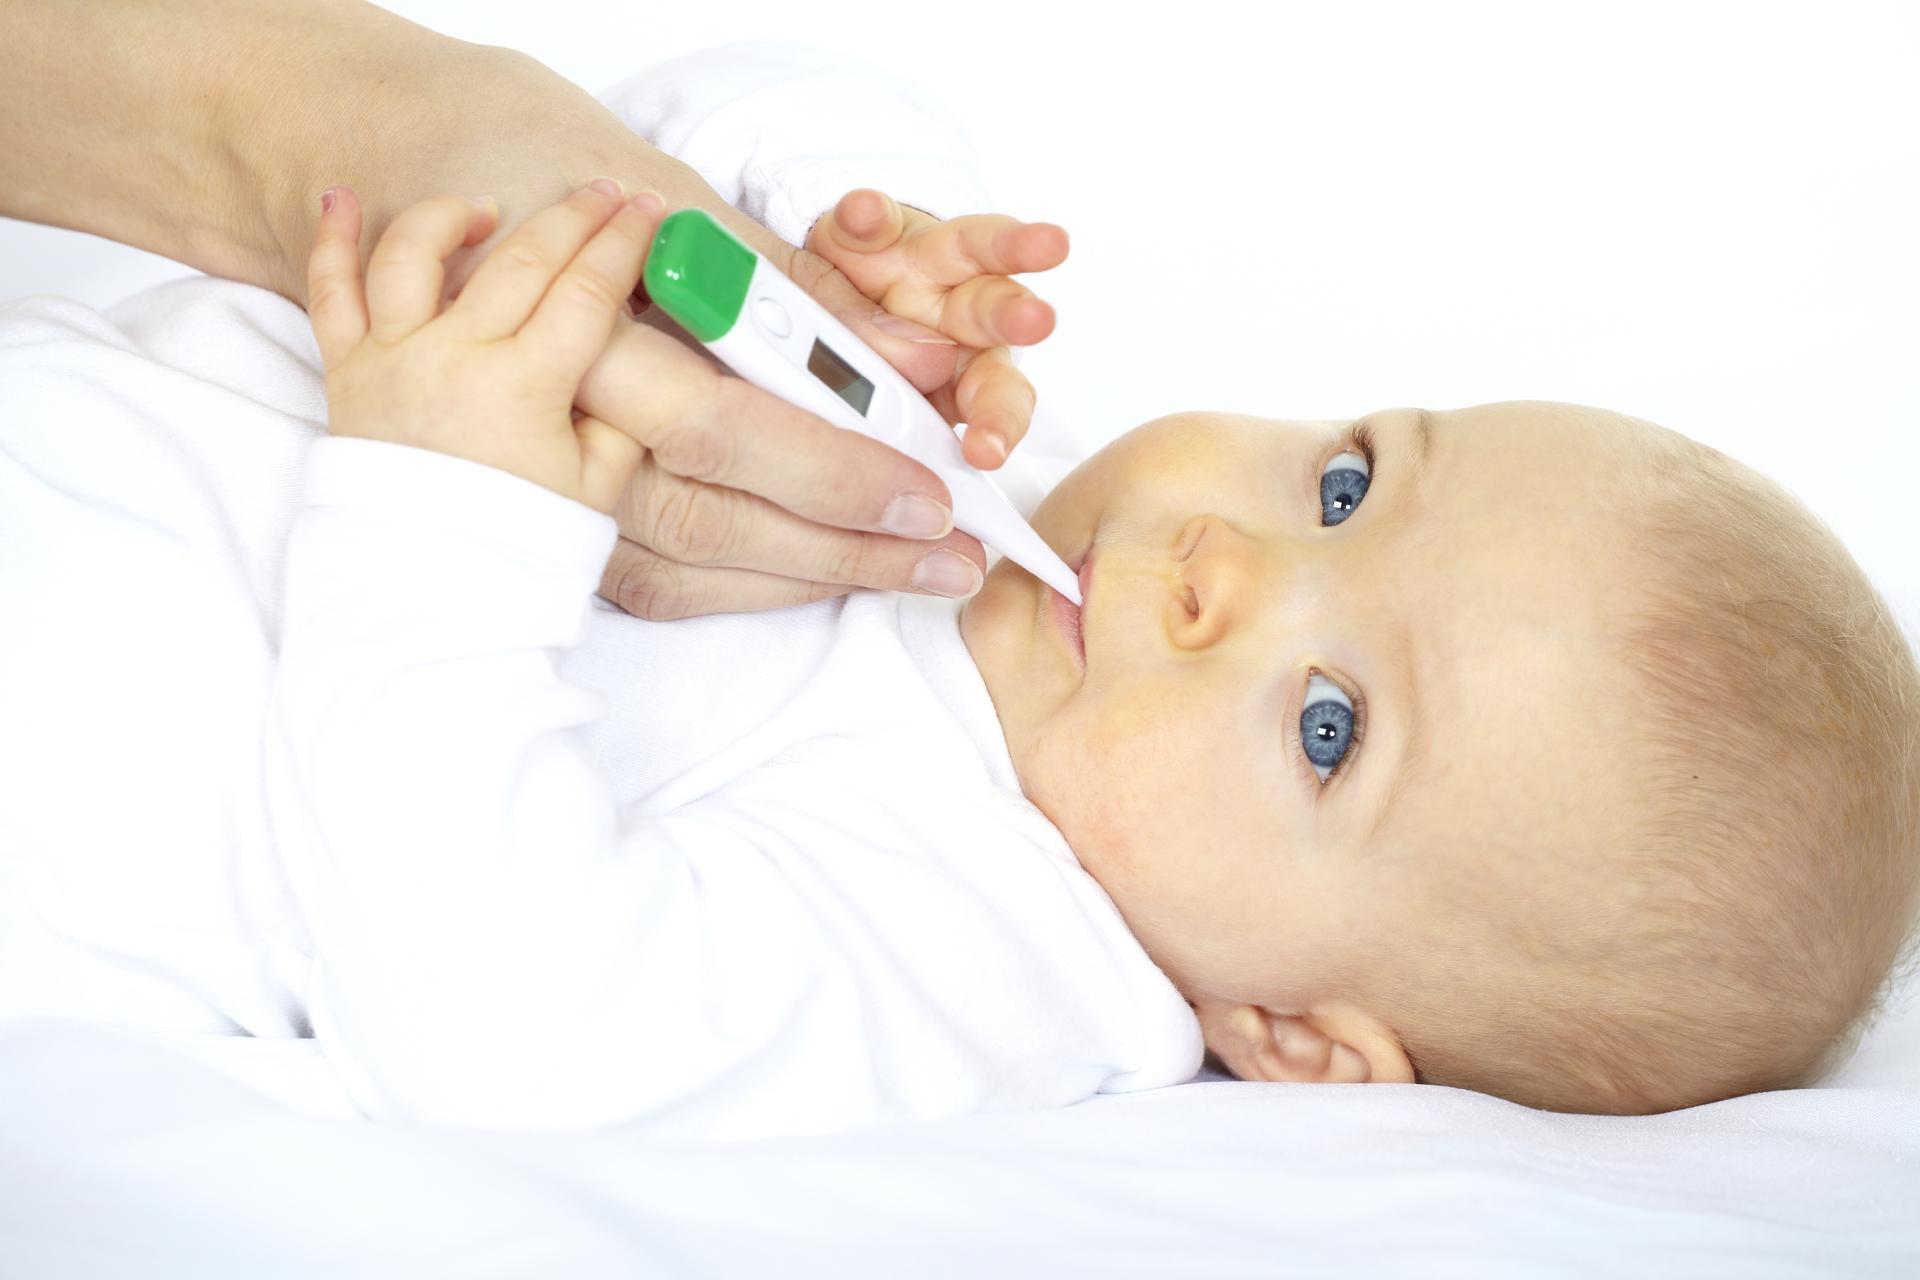 Температура у детей при прорезывании зубов: что делать?